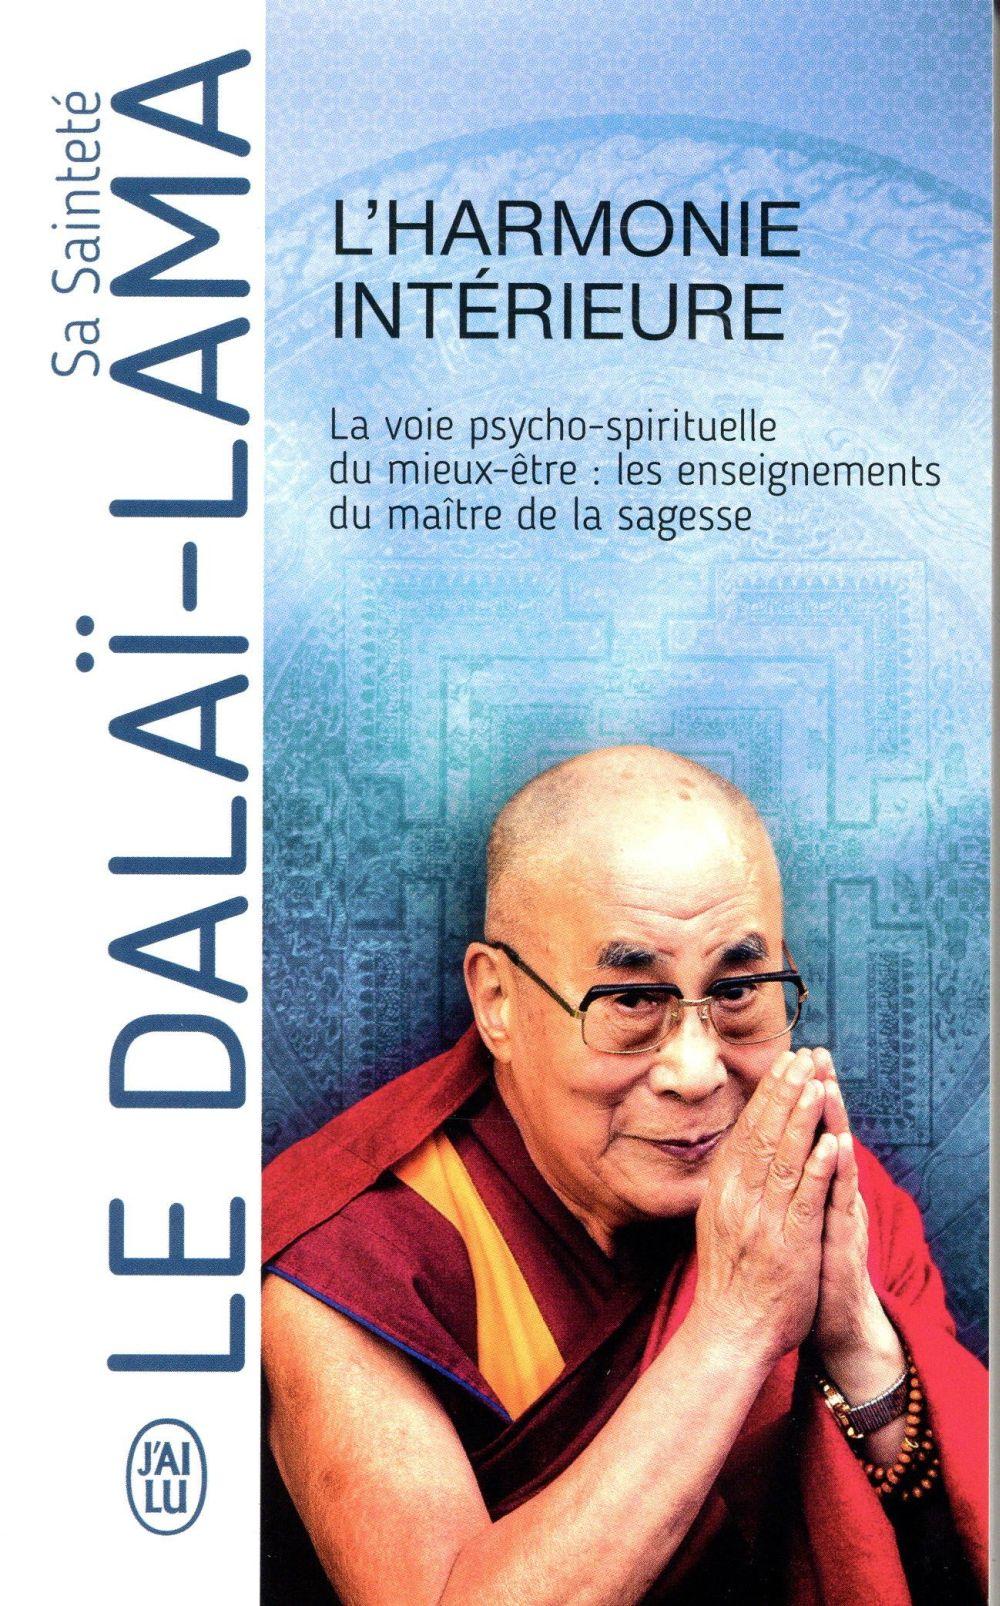 L'harmonie intérieure ; la voie psycho-spirituelle de miex-être : les enseignements du maître de la sagesse